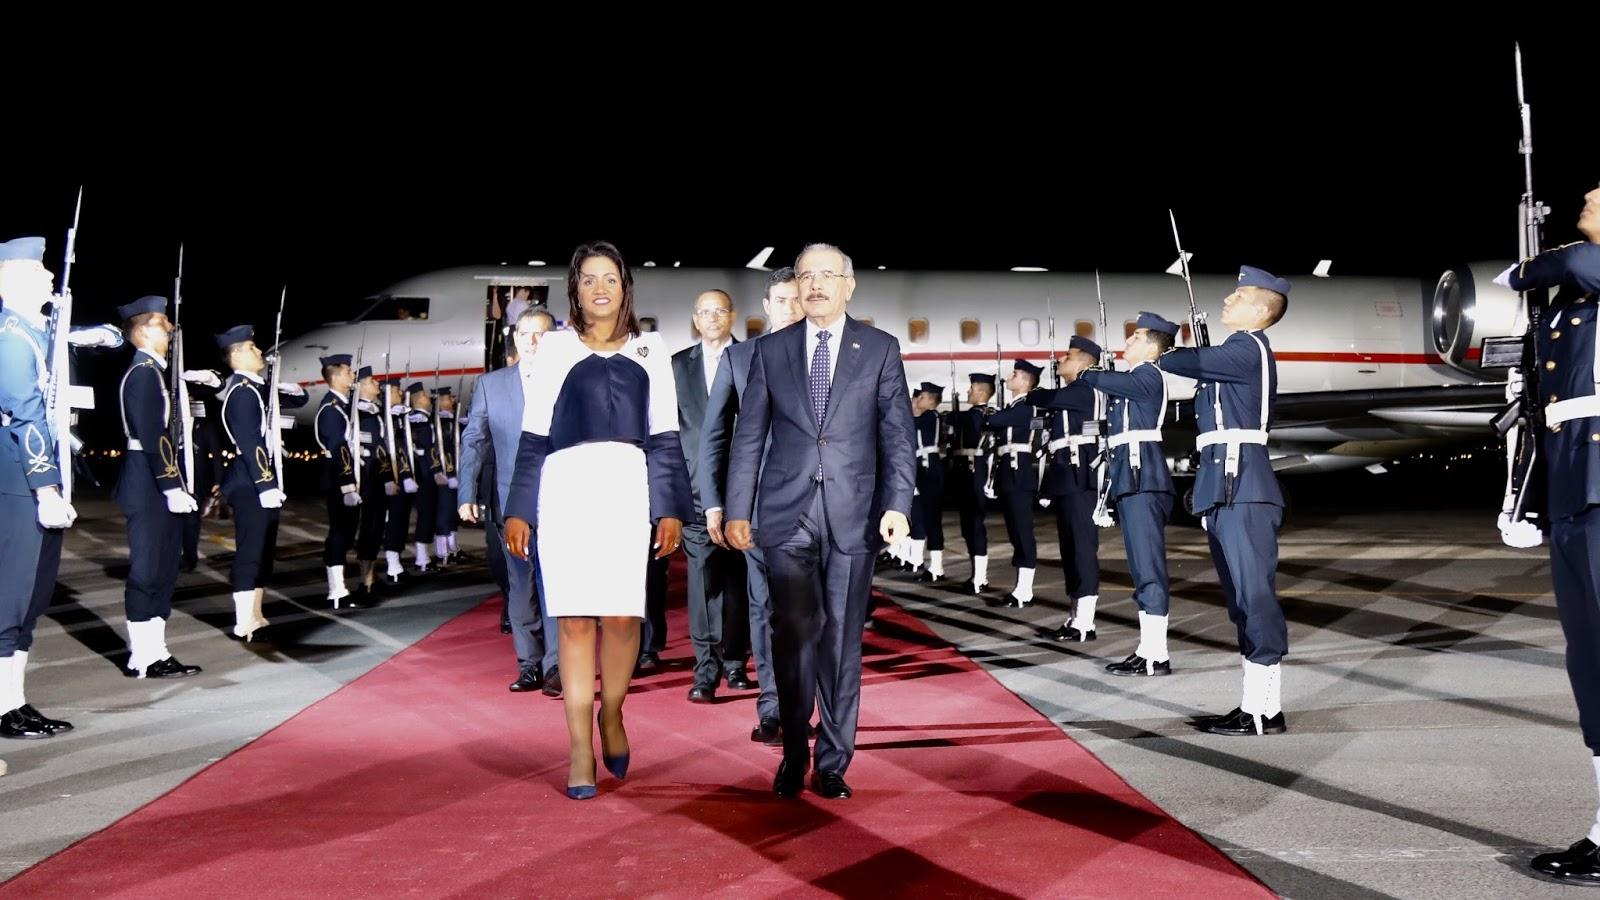 Danilo llega a Perú. Agotará intensa agenda en III Cumbre Empresarial y VIII Cumbre de las Américas